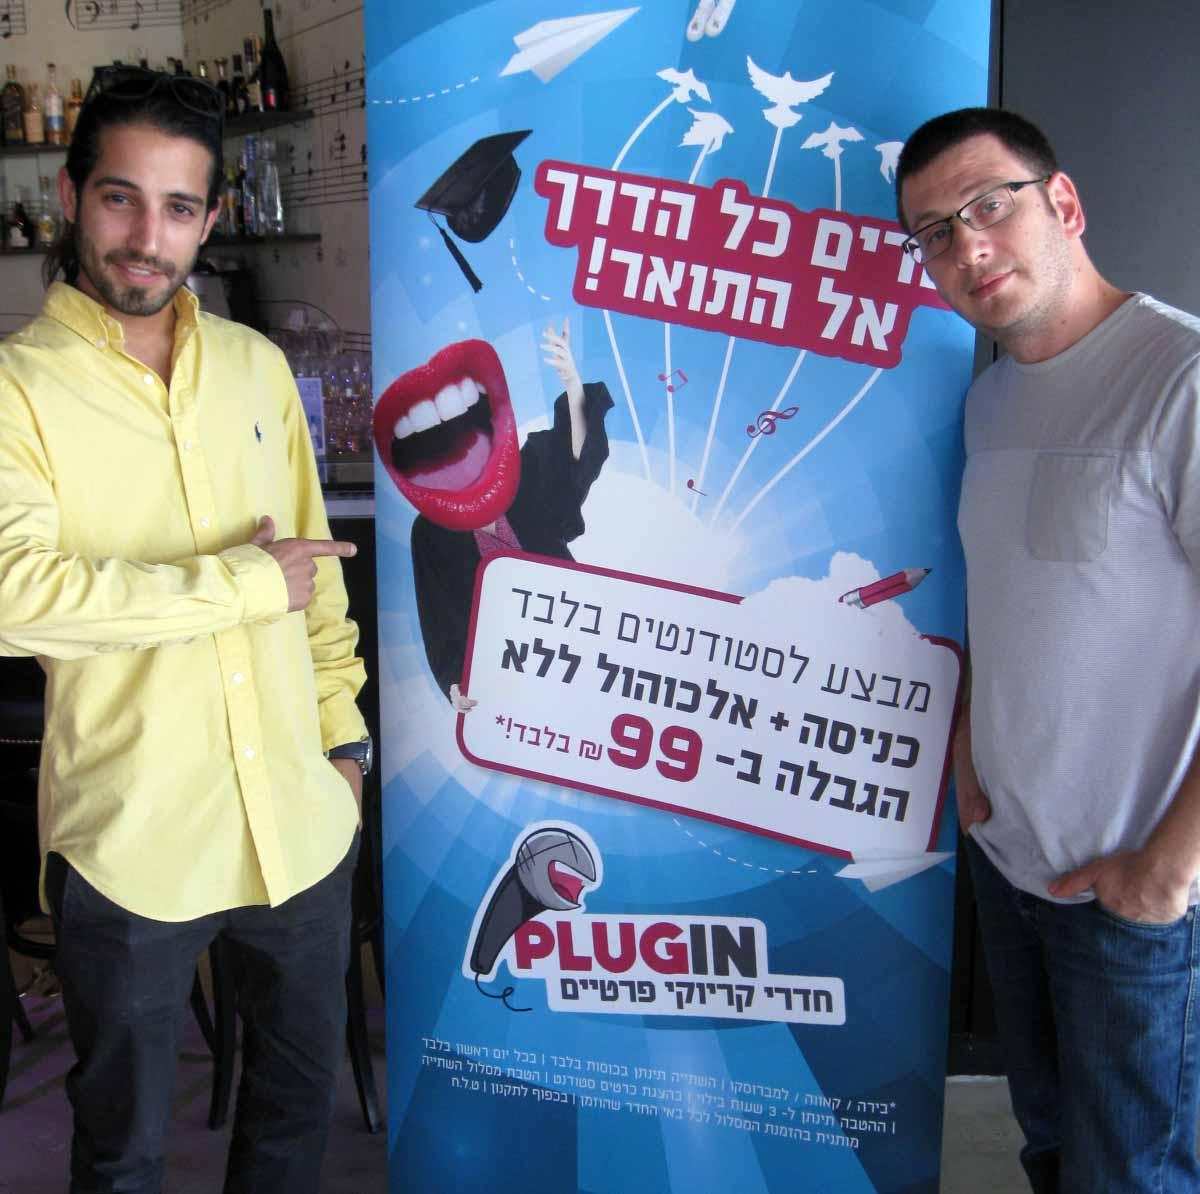 גבי הלנט ותומר לוי מזמינים לערבי  סטודנטים במועדון פלאג ברמת ישי